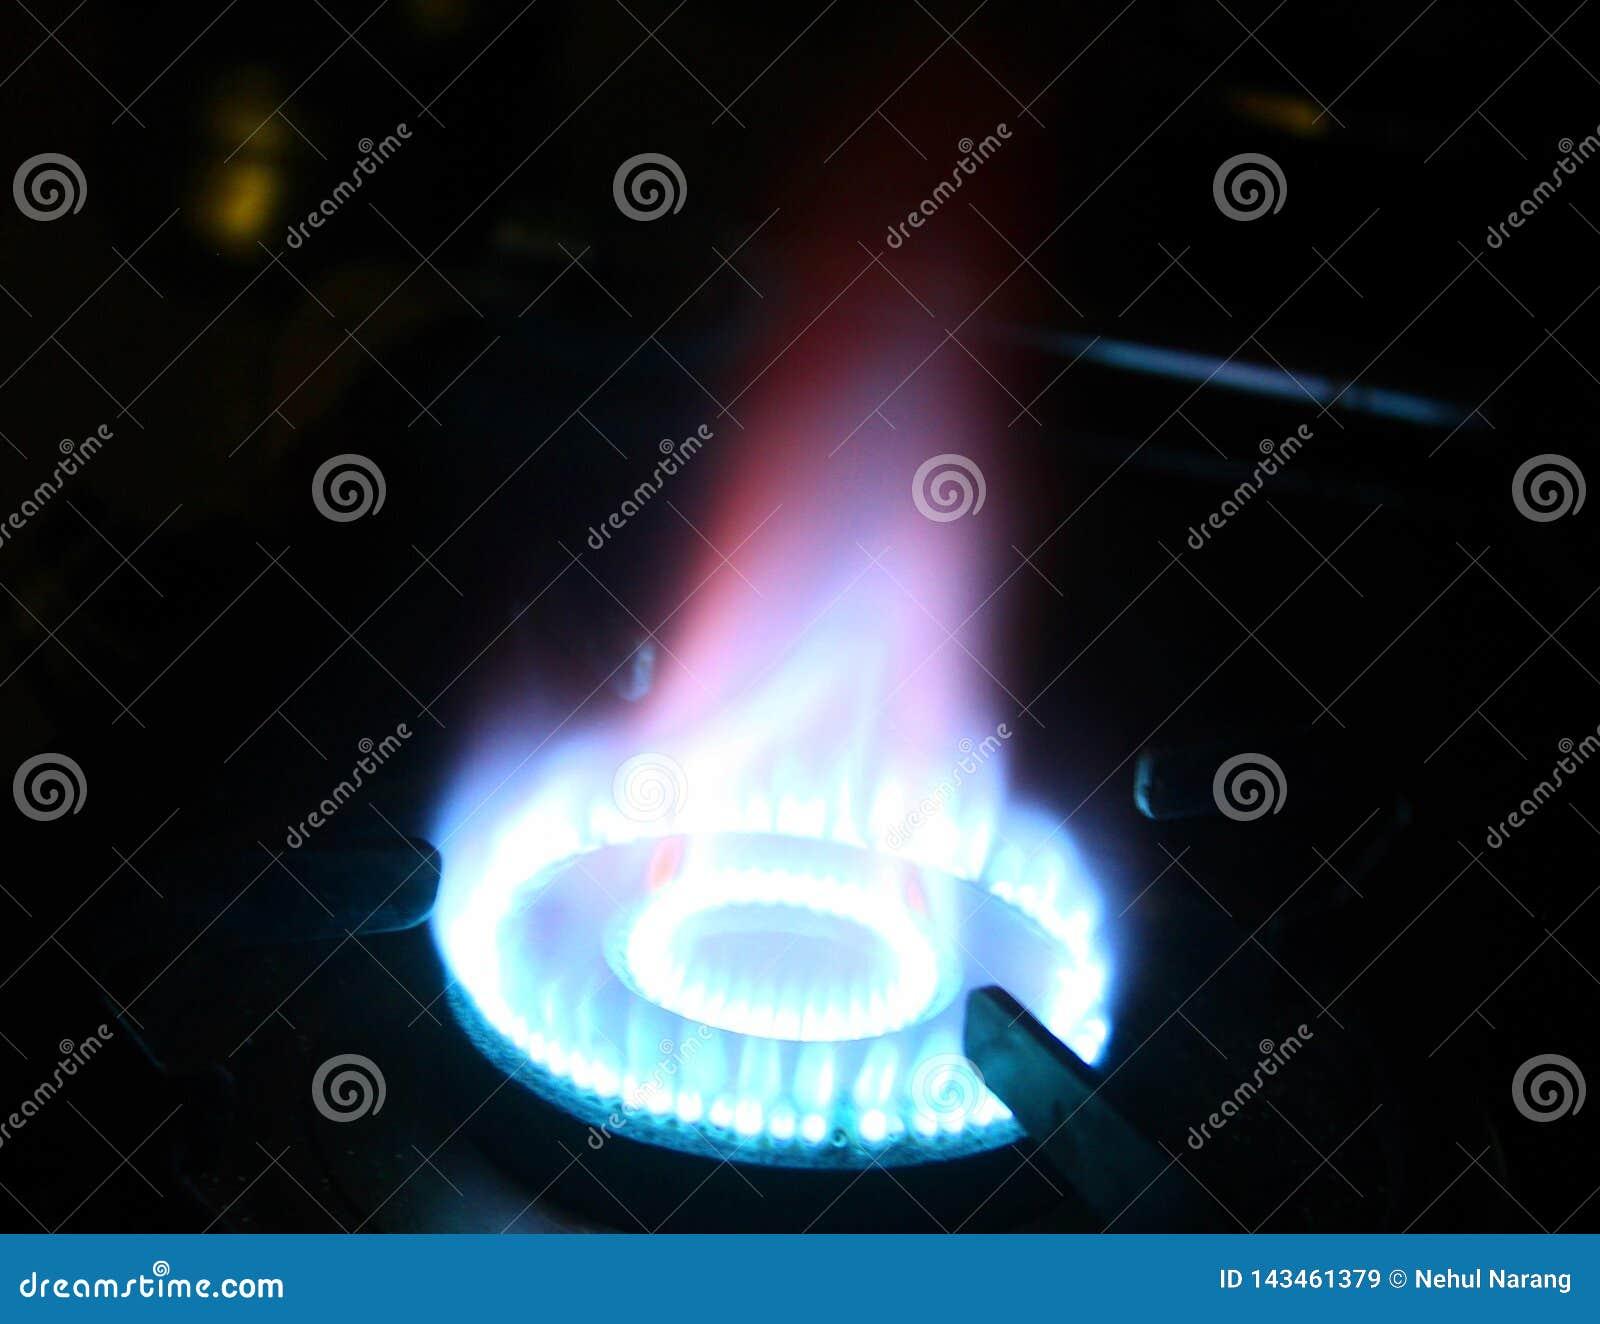 Flammen auf einem Gasherd in der Dunkelheit